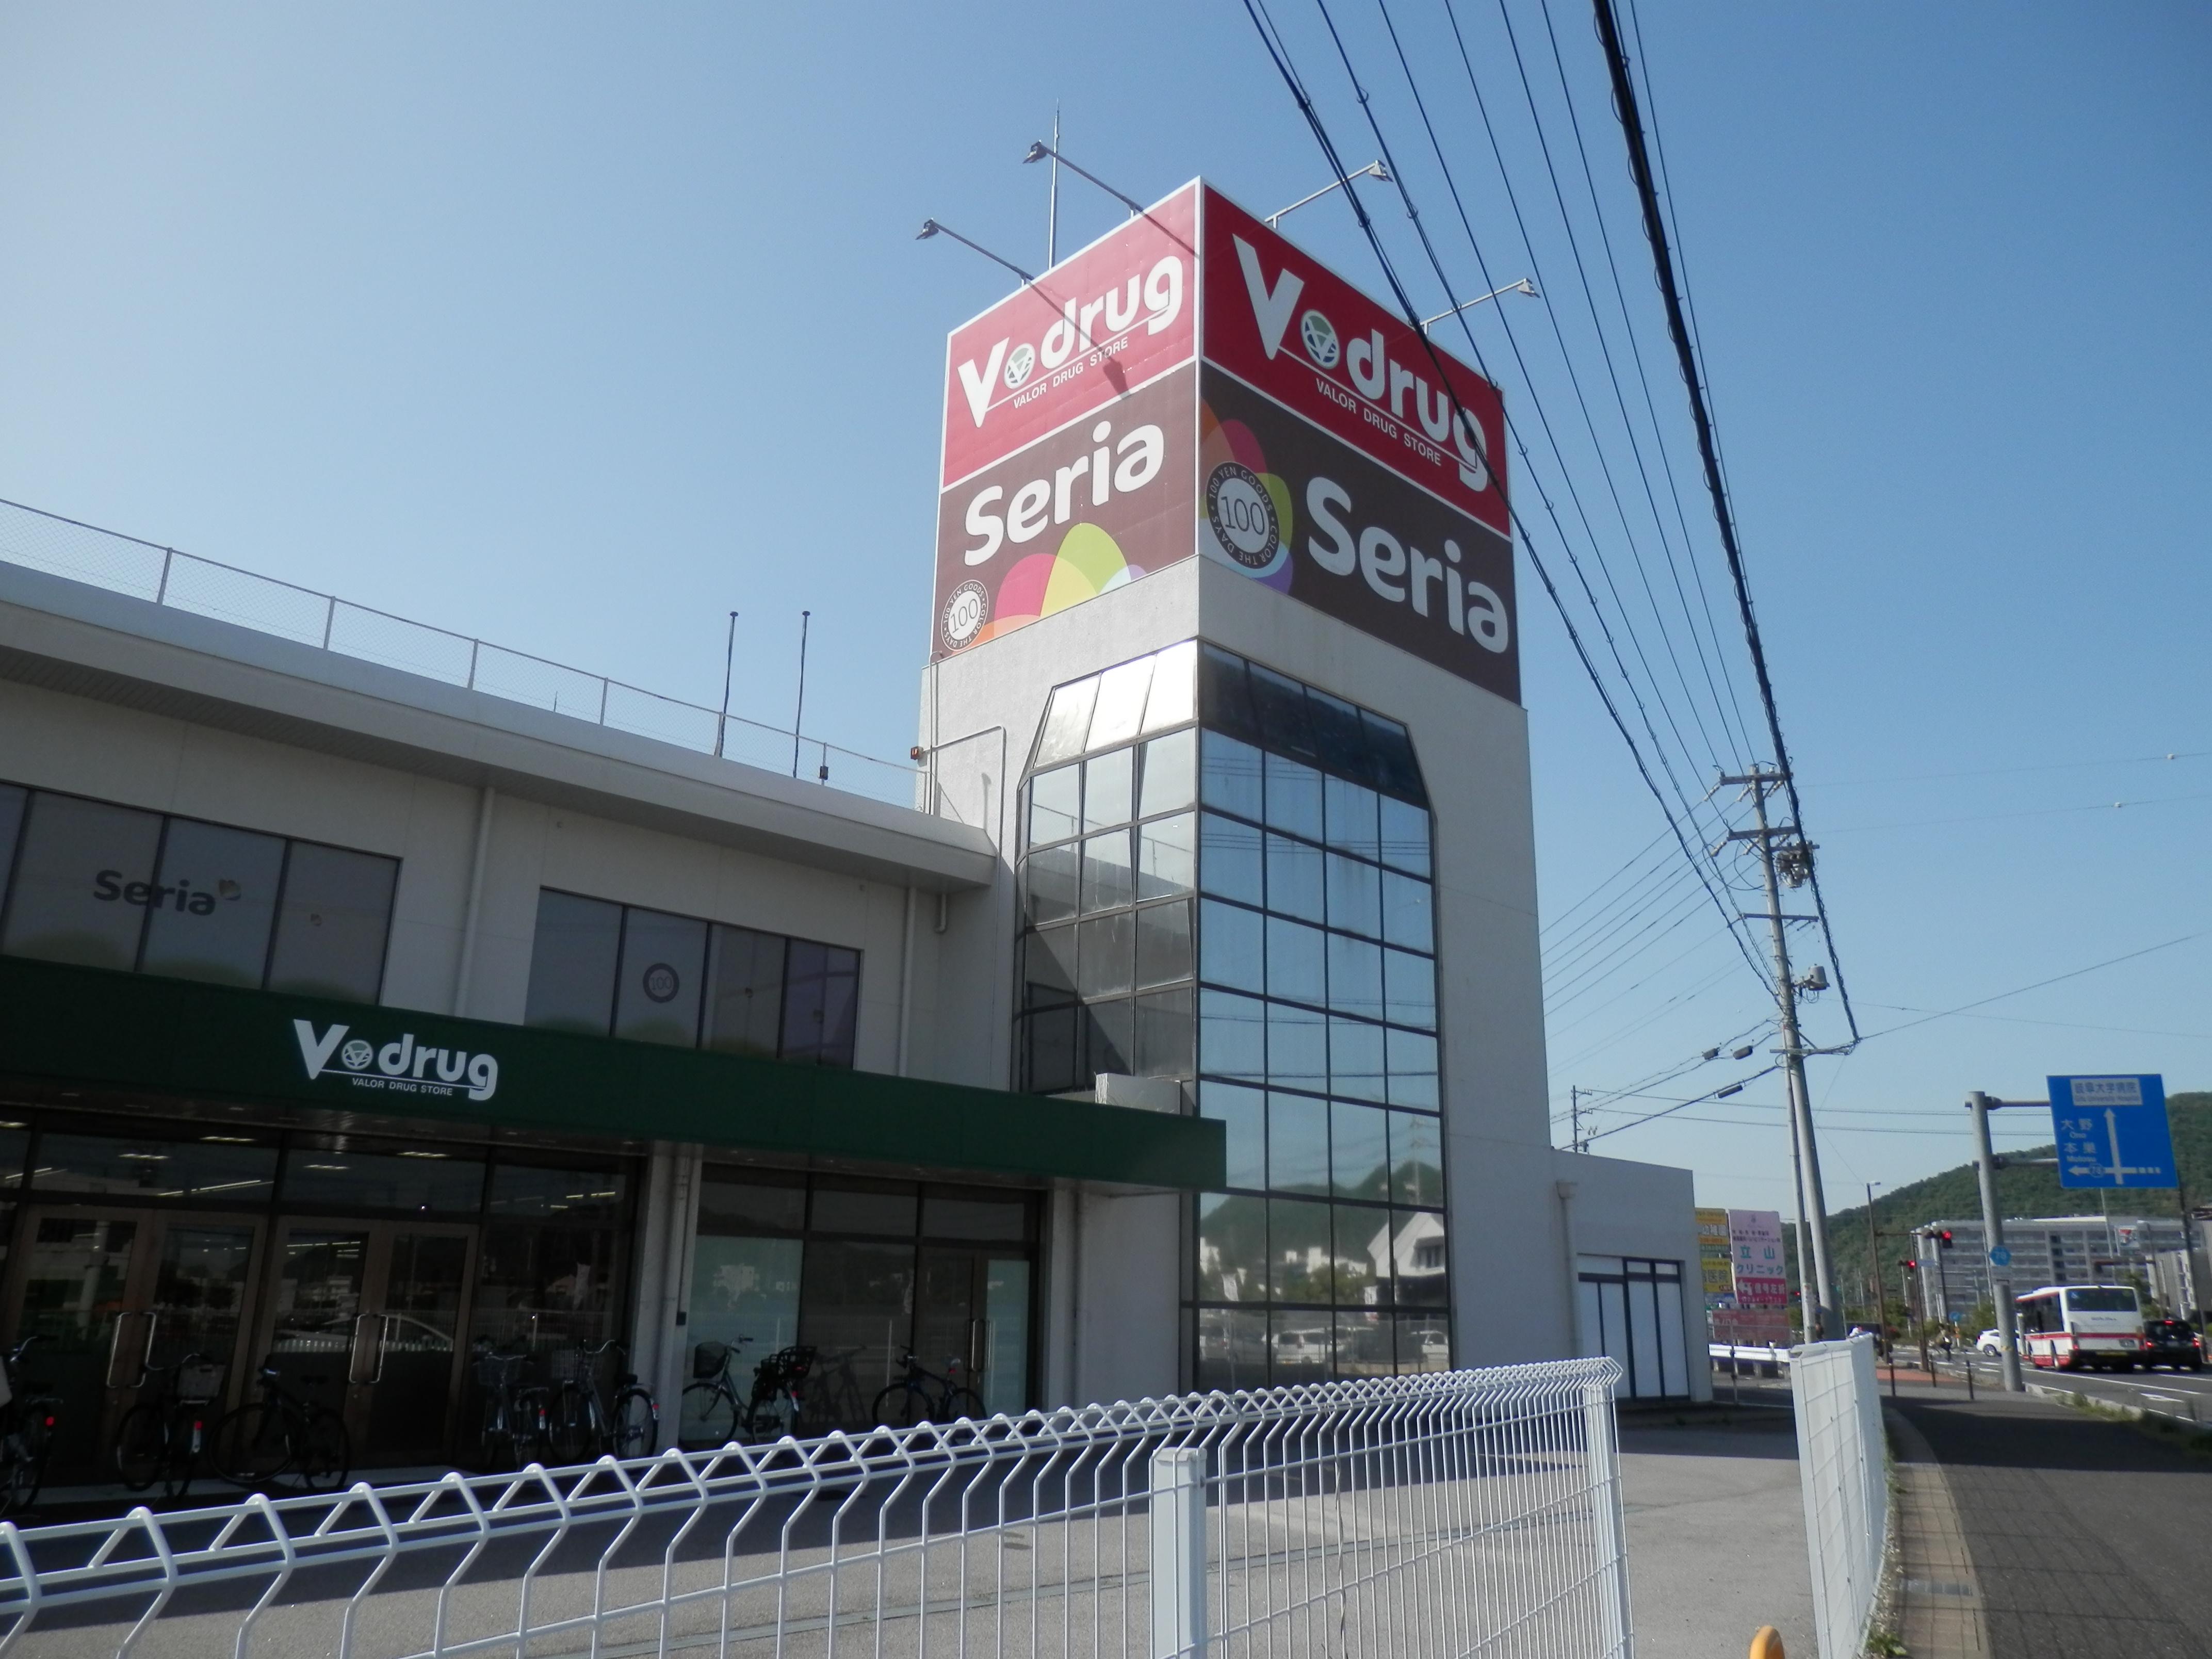 スーパー:Seria(セリア) 岐大前店 544m 近隣